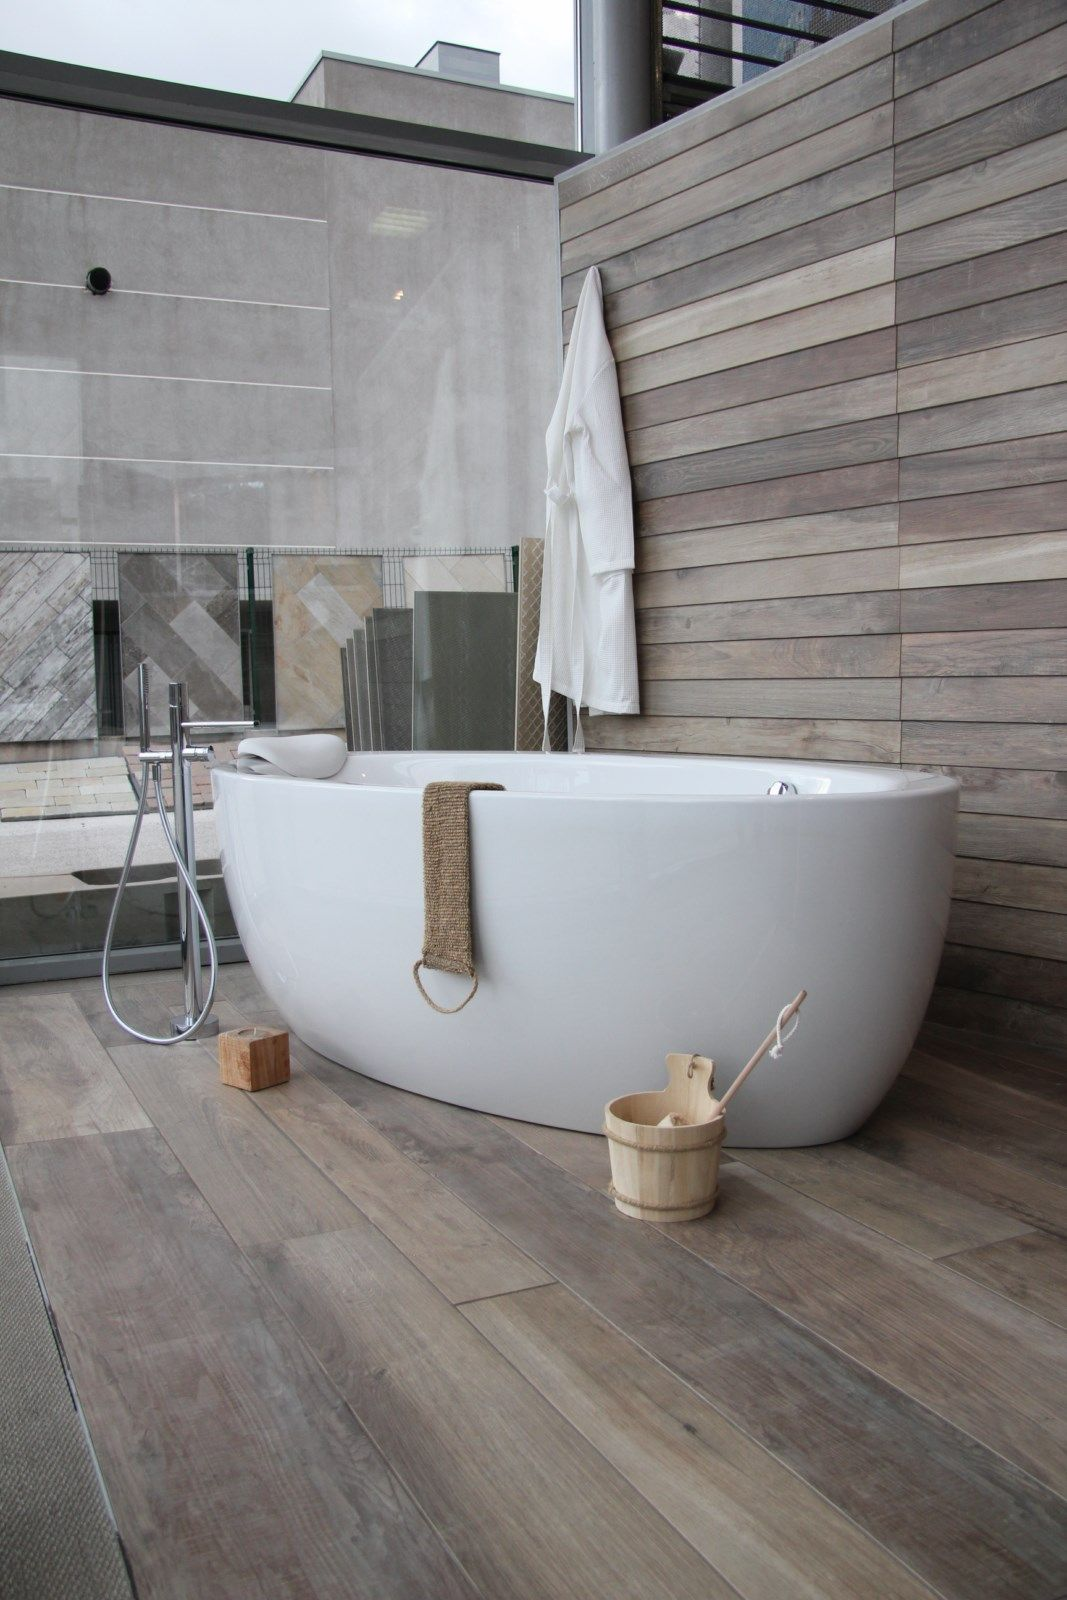 baignoire ilot,sur bois décor chalet  Salle de bain design, Idée